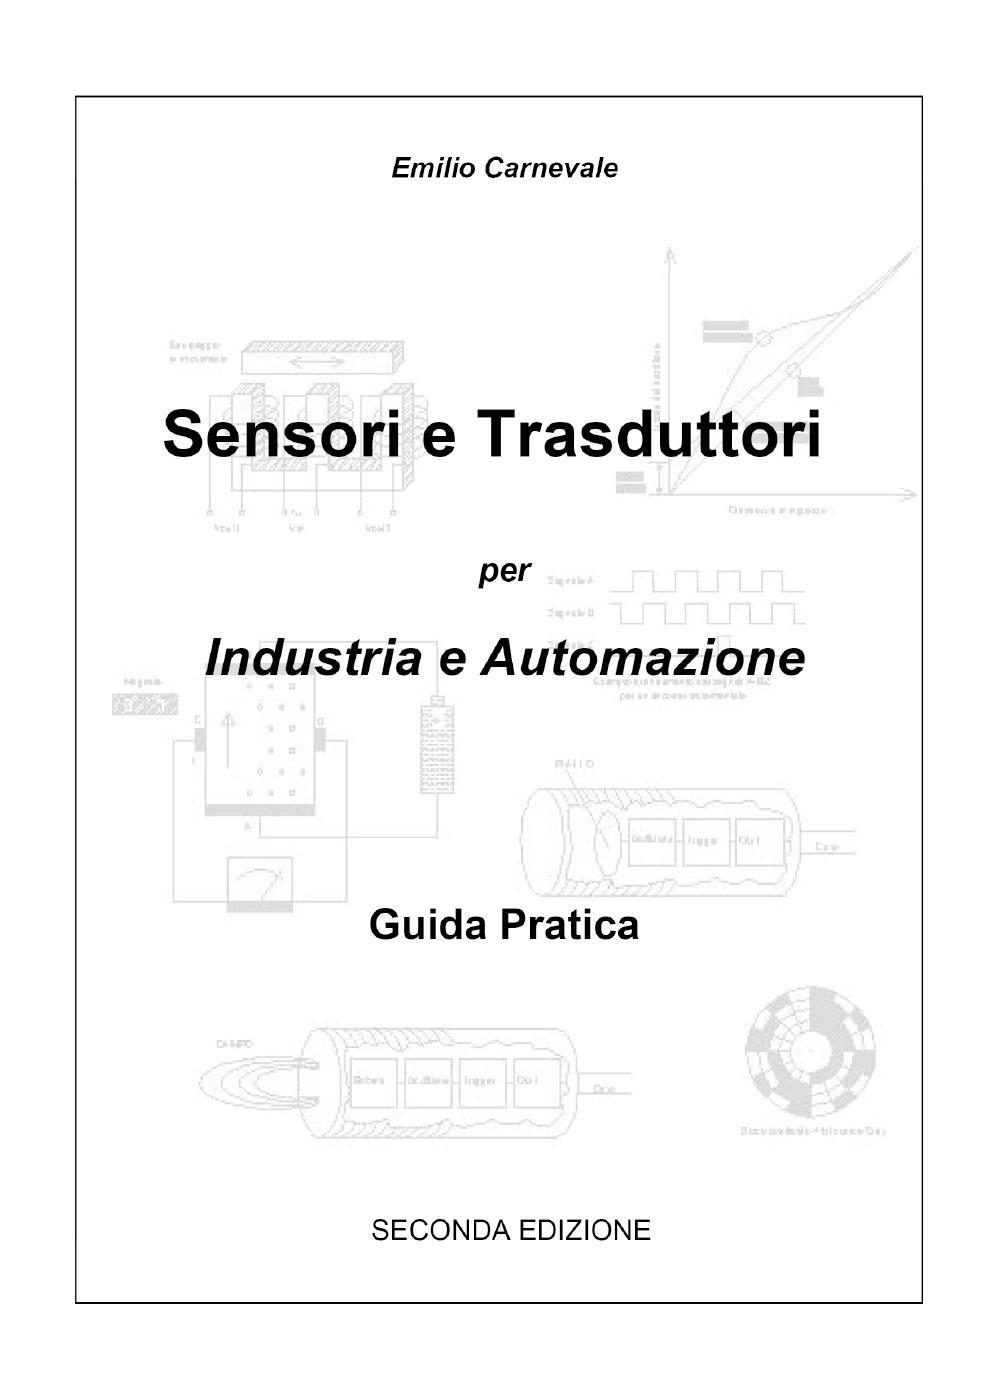 Sensori e trasduttori per industria e automazione - seconda edizione